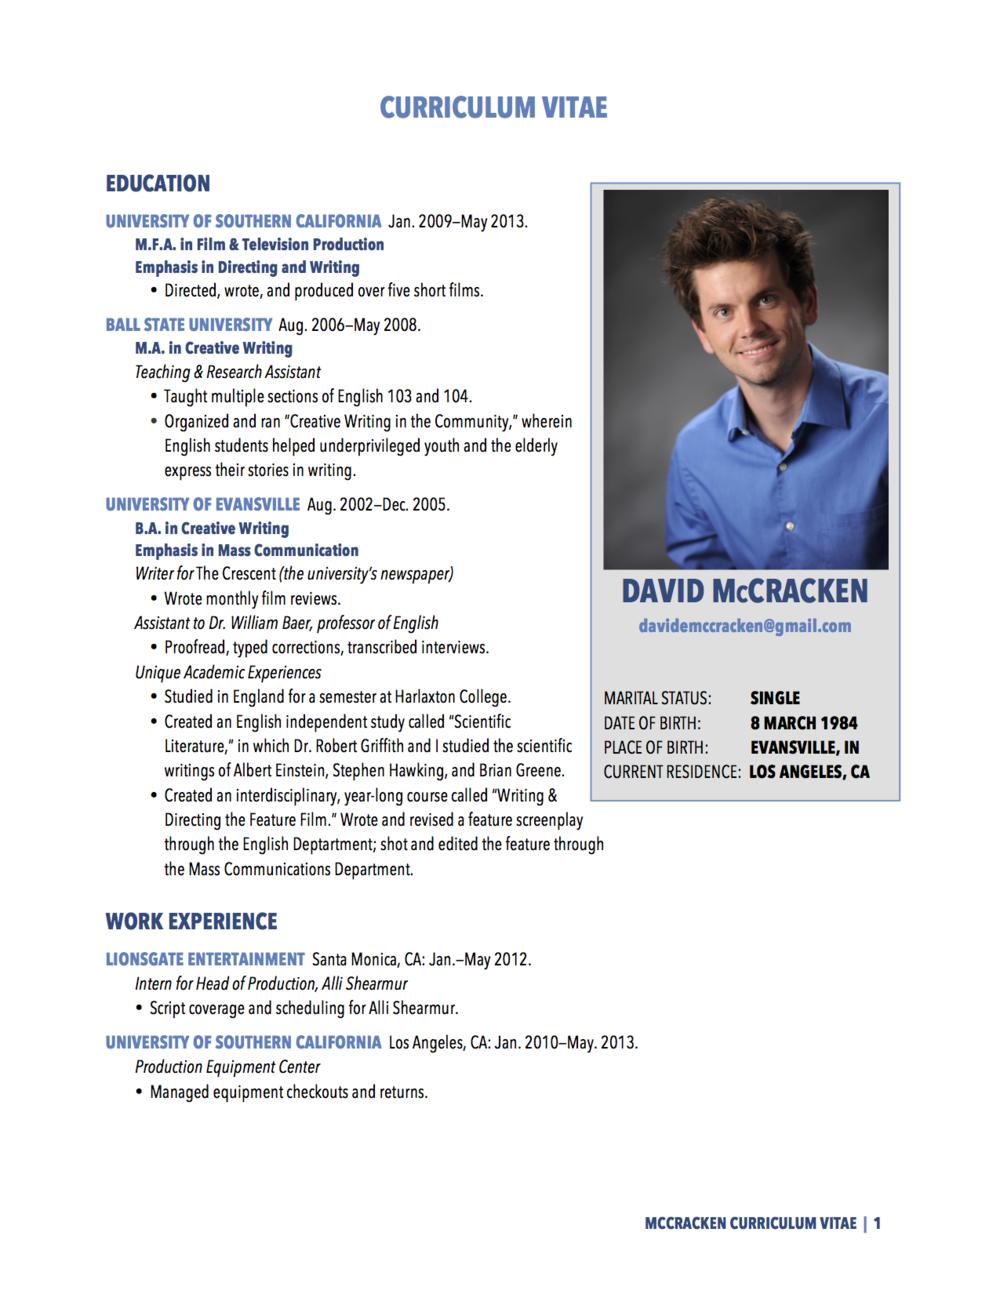 Exceptional DOWNLOAD CURRICULUM VITAE PDF. DavidMcCracken_C.V.(01.03.2014)_For  Website_(pg1).png